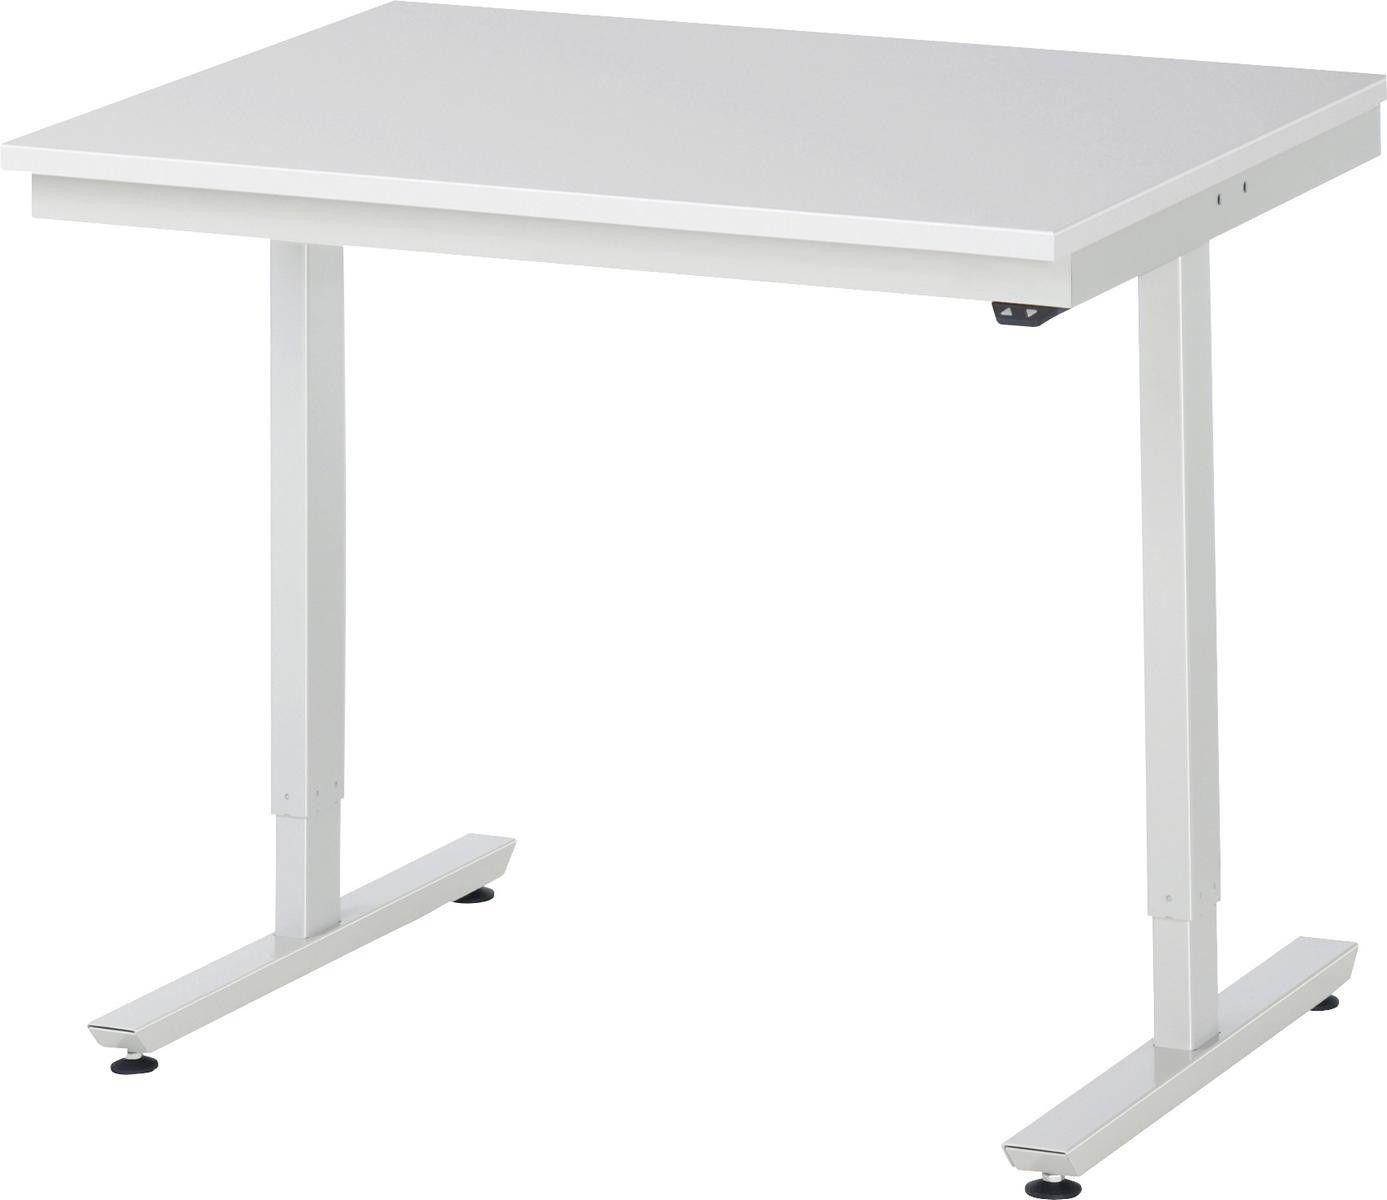 Arbeitstisch Serie Adlatus 150 1000x800x720 1120 Mm Egb Melaminharzbeschichtung 28mm In 2020 Arbeitstisch Tisch Und Stahl